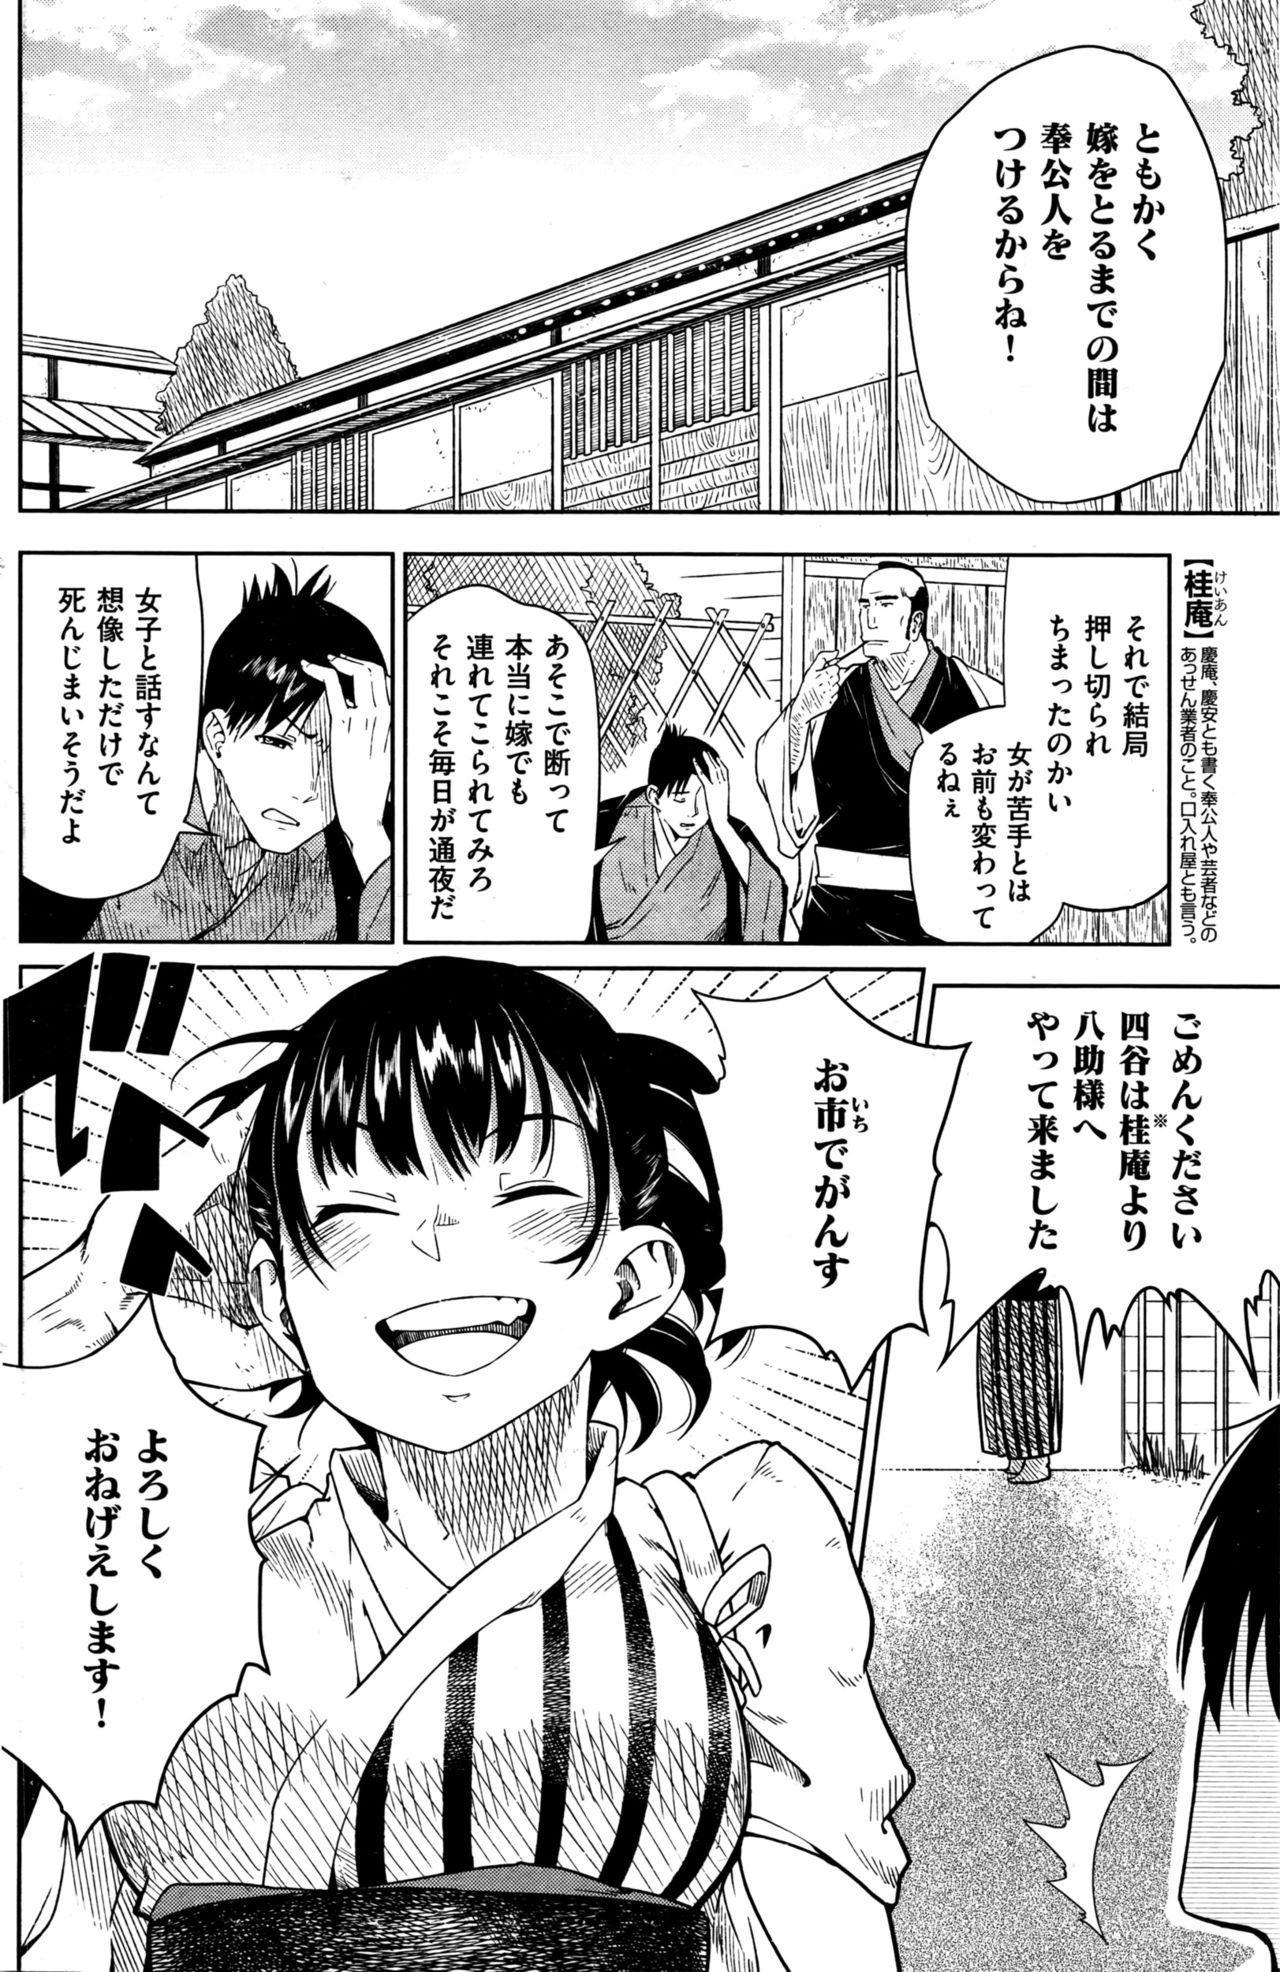 COMIC Kairakuten 2016-05 192